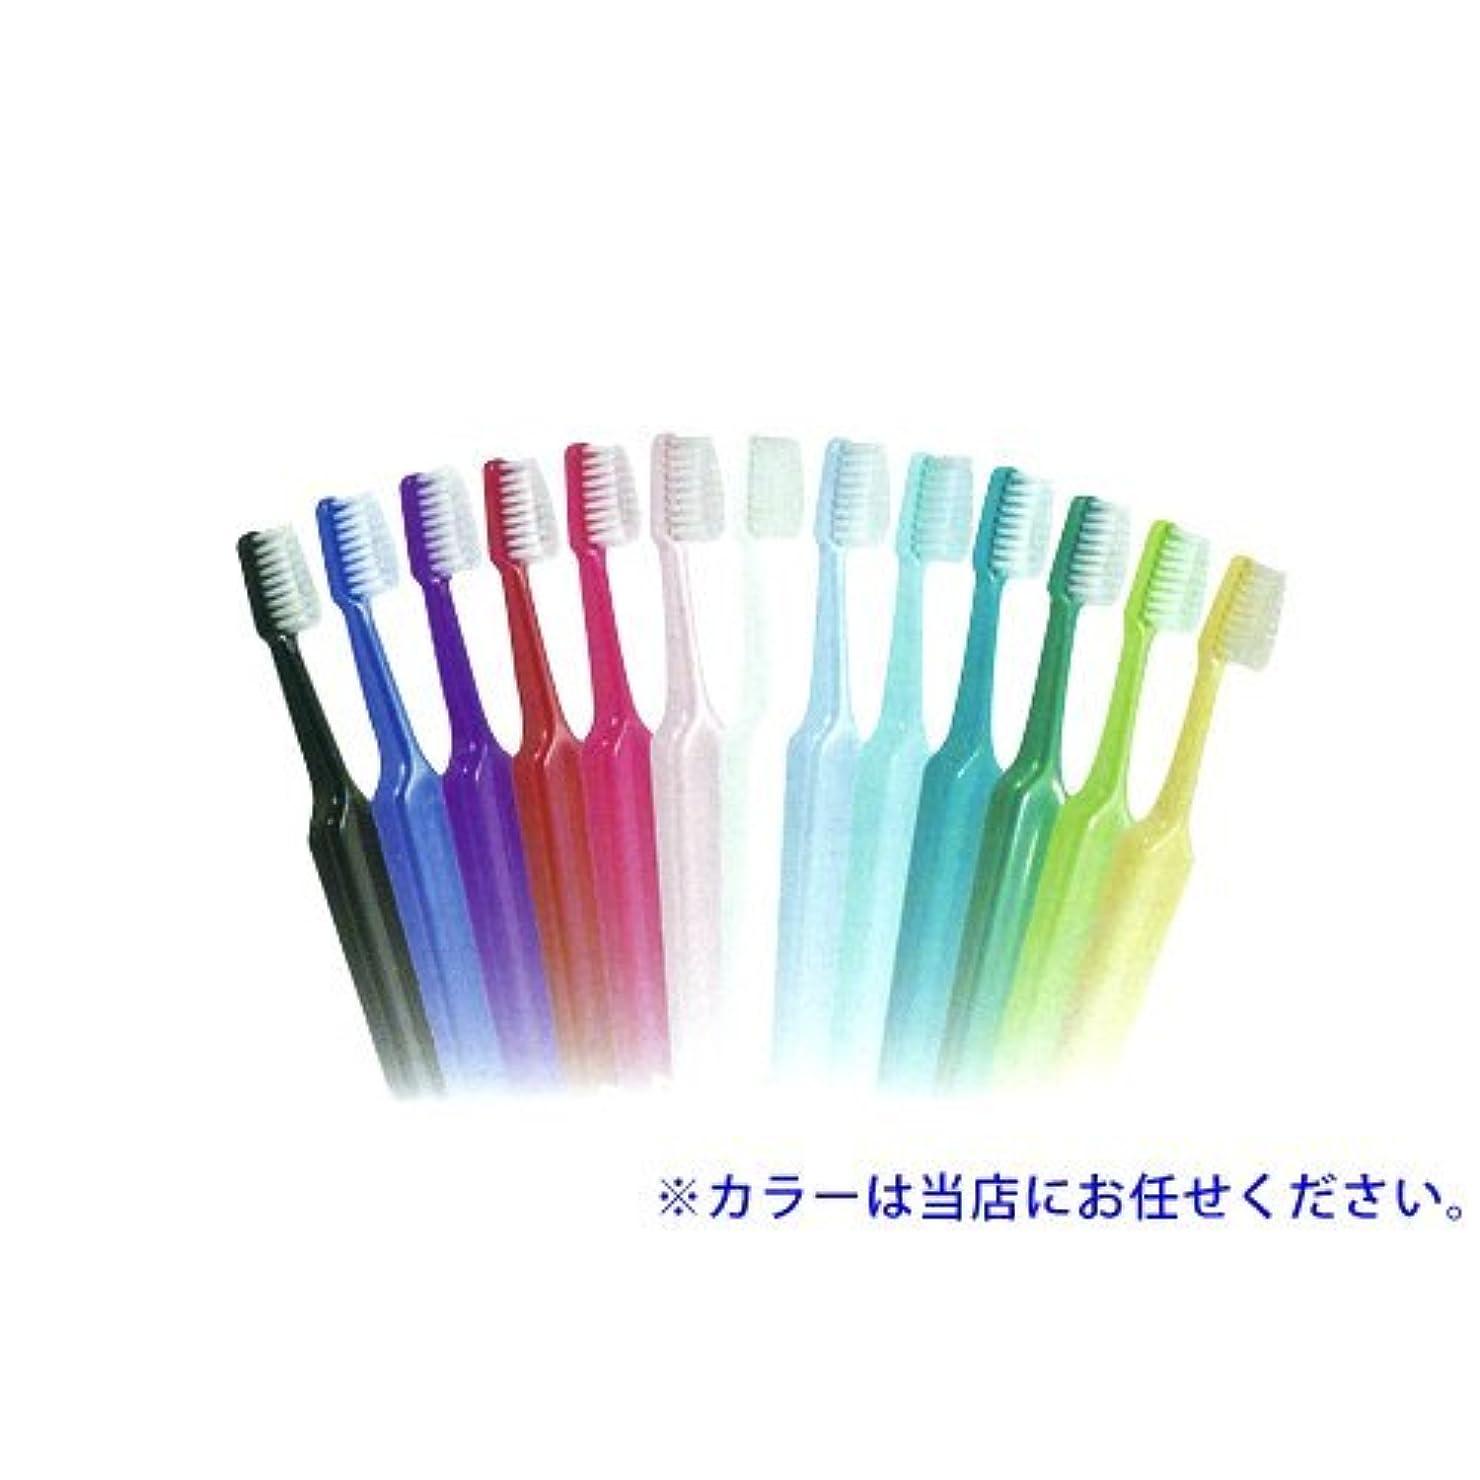 動機付けるセラフ火曜日クロスフィールド TePe テペ セレクトミニ 歯ブラシ 1本 ソフト